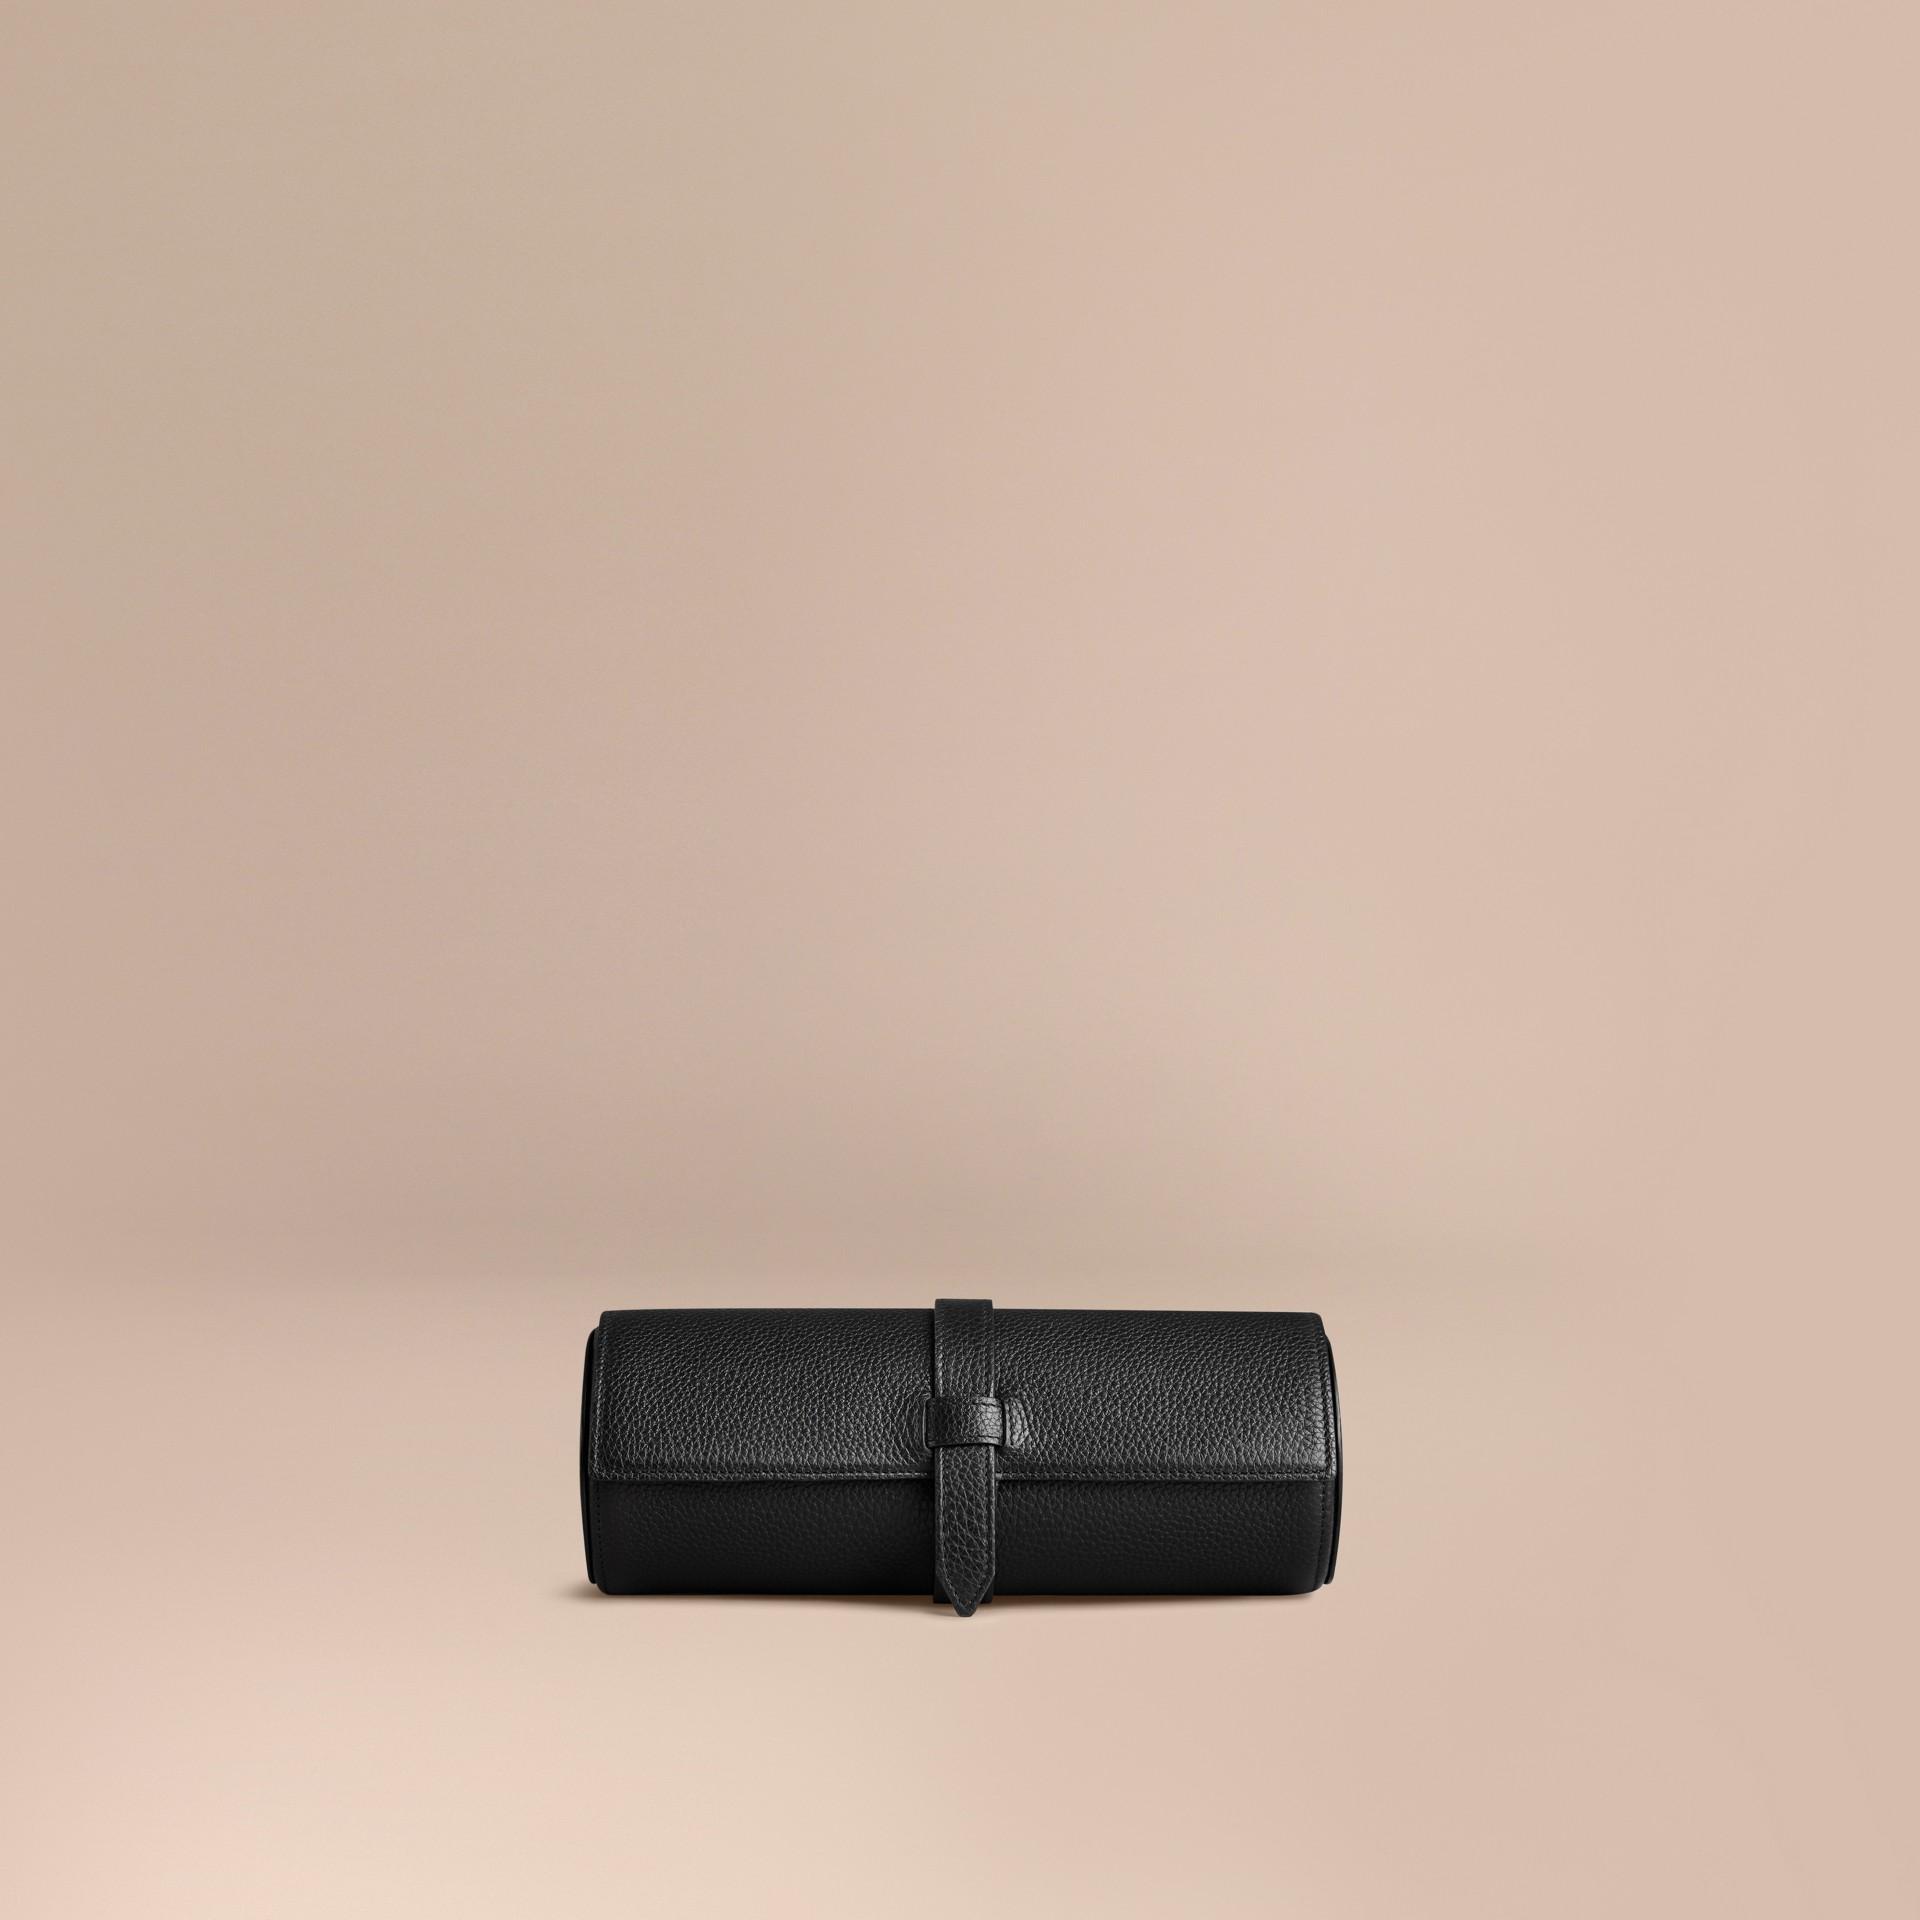 Nero Custodia per orologi in pelle a grana Nero - immagine della galleria 1